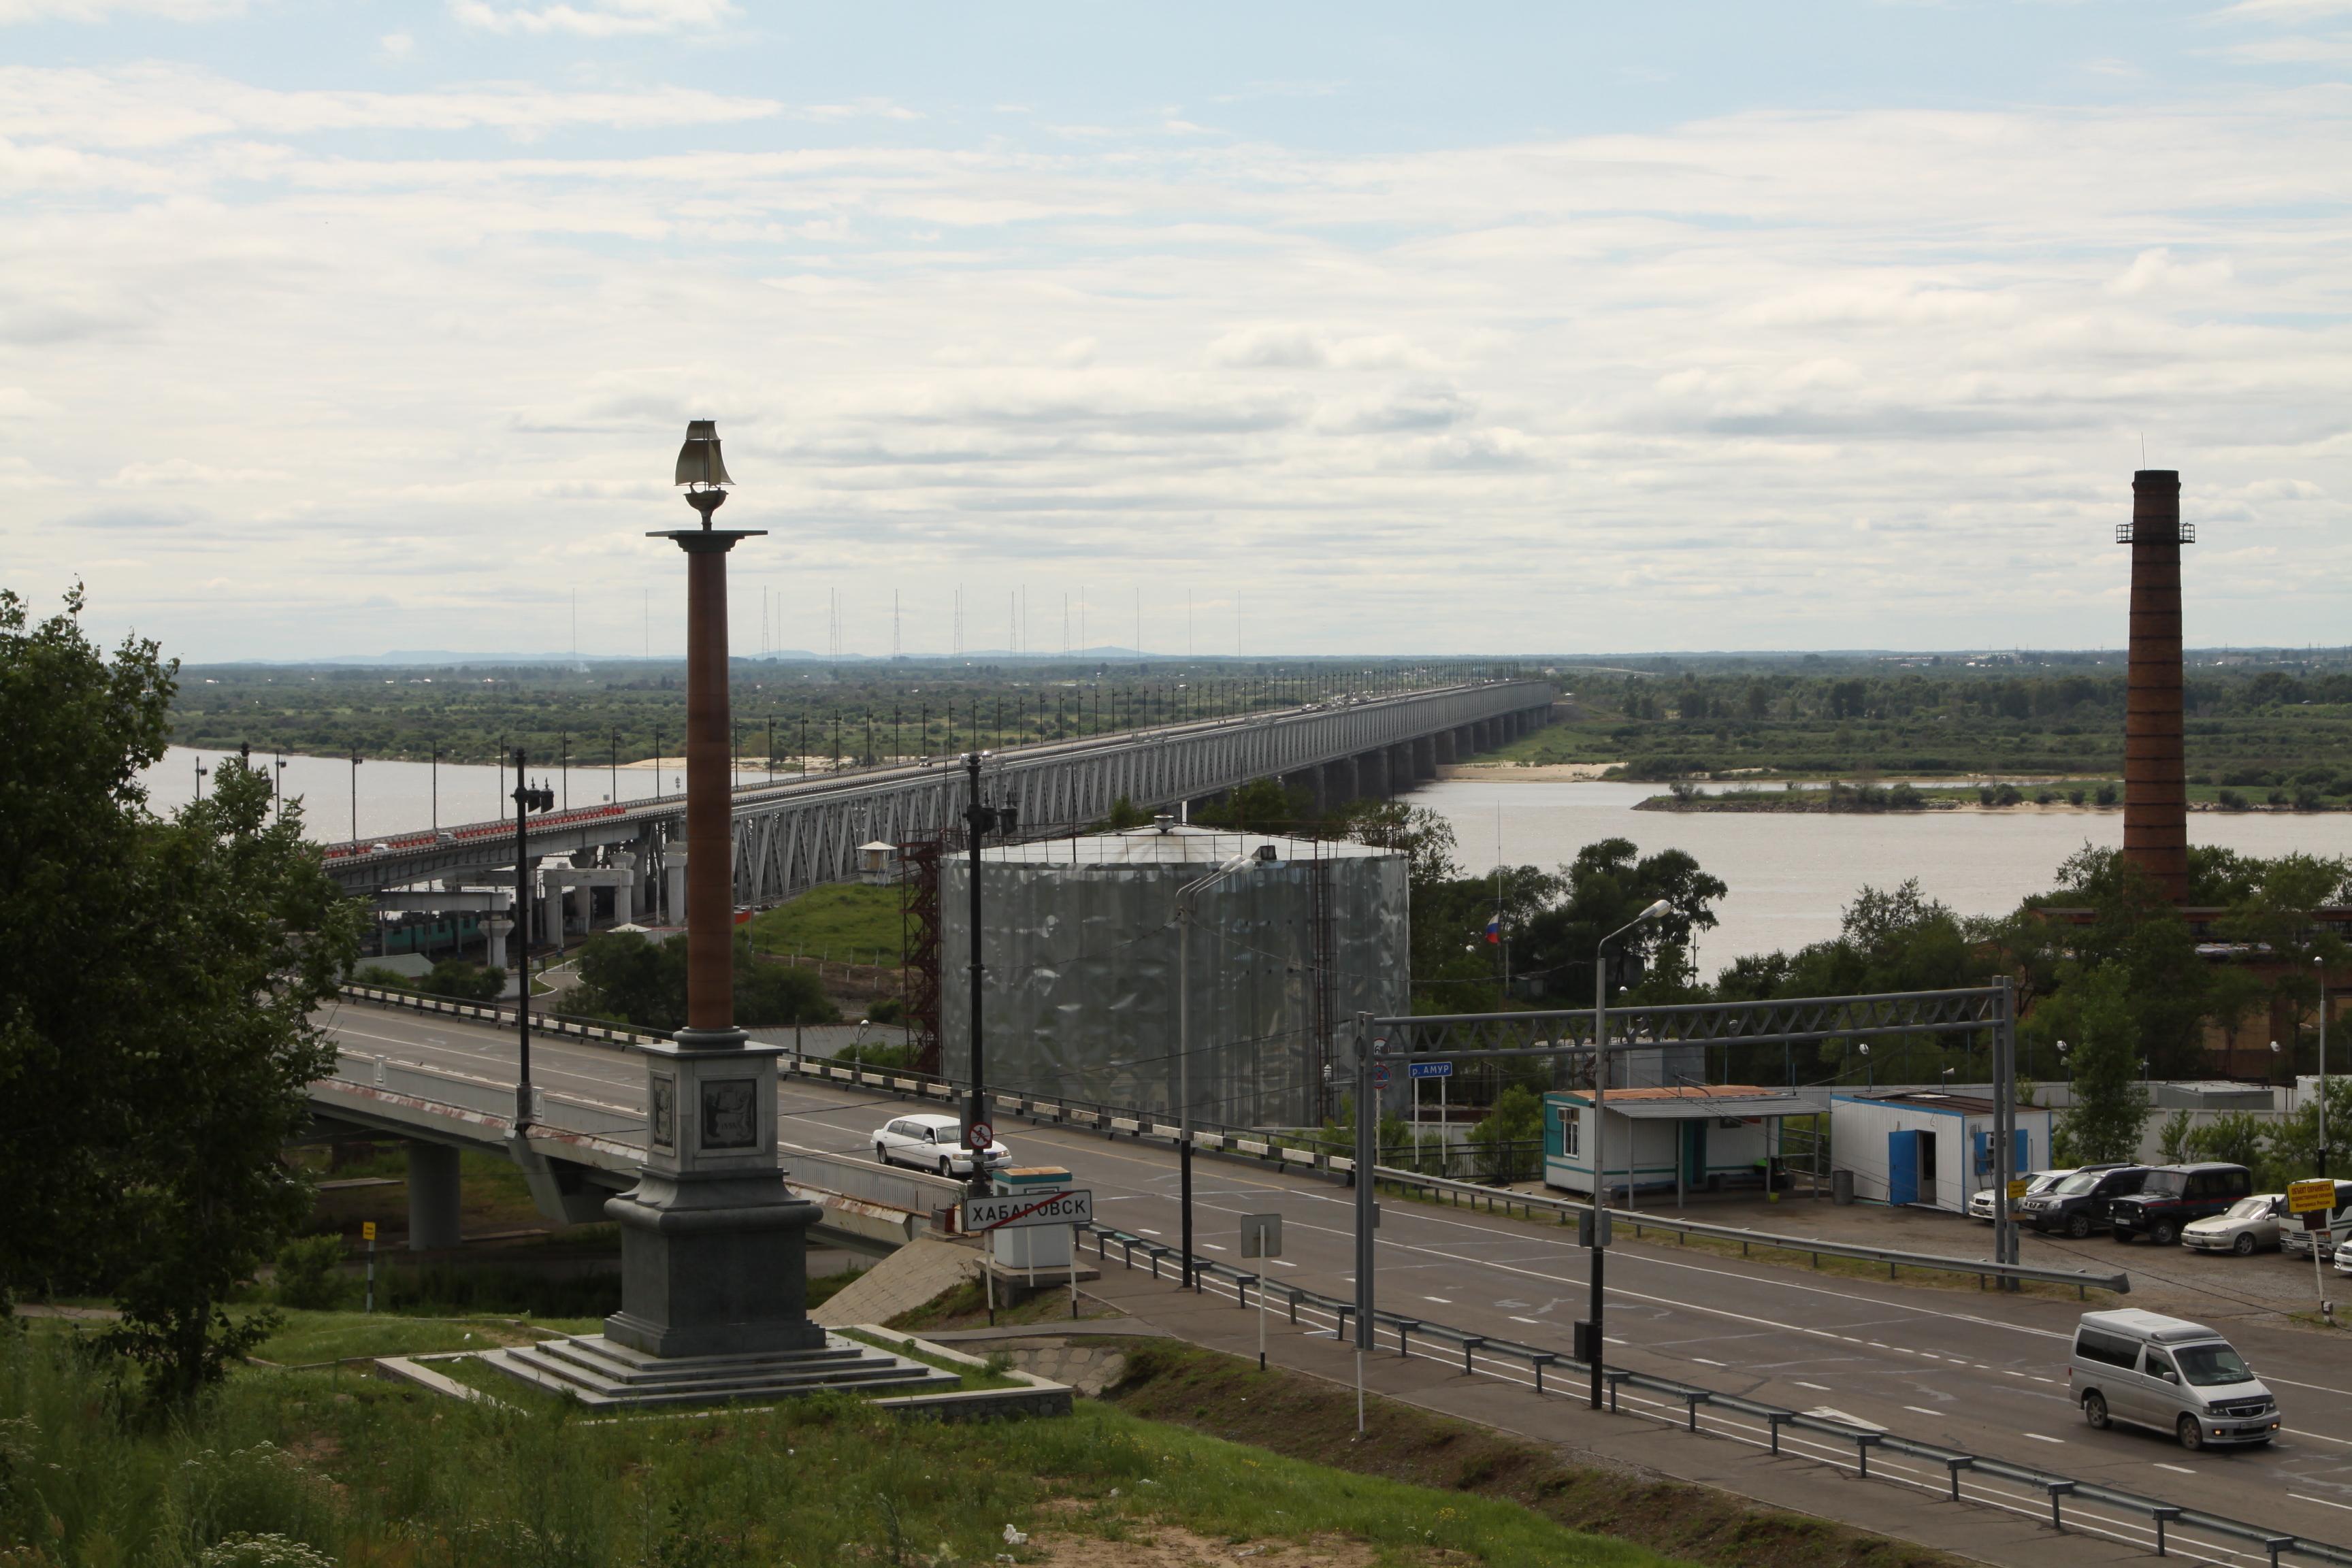 Вид на мост с горки за стеллой